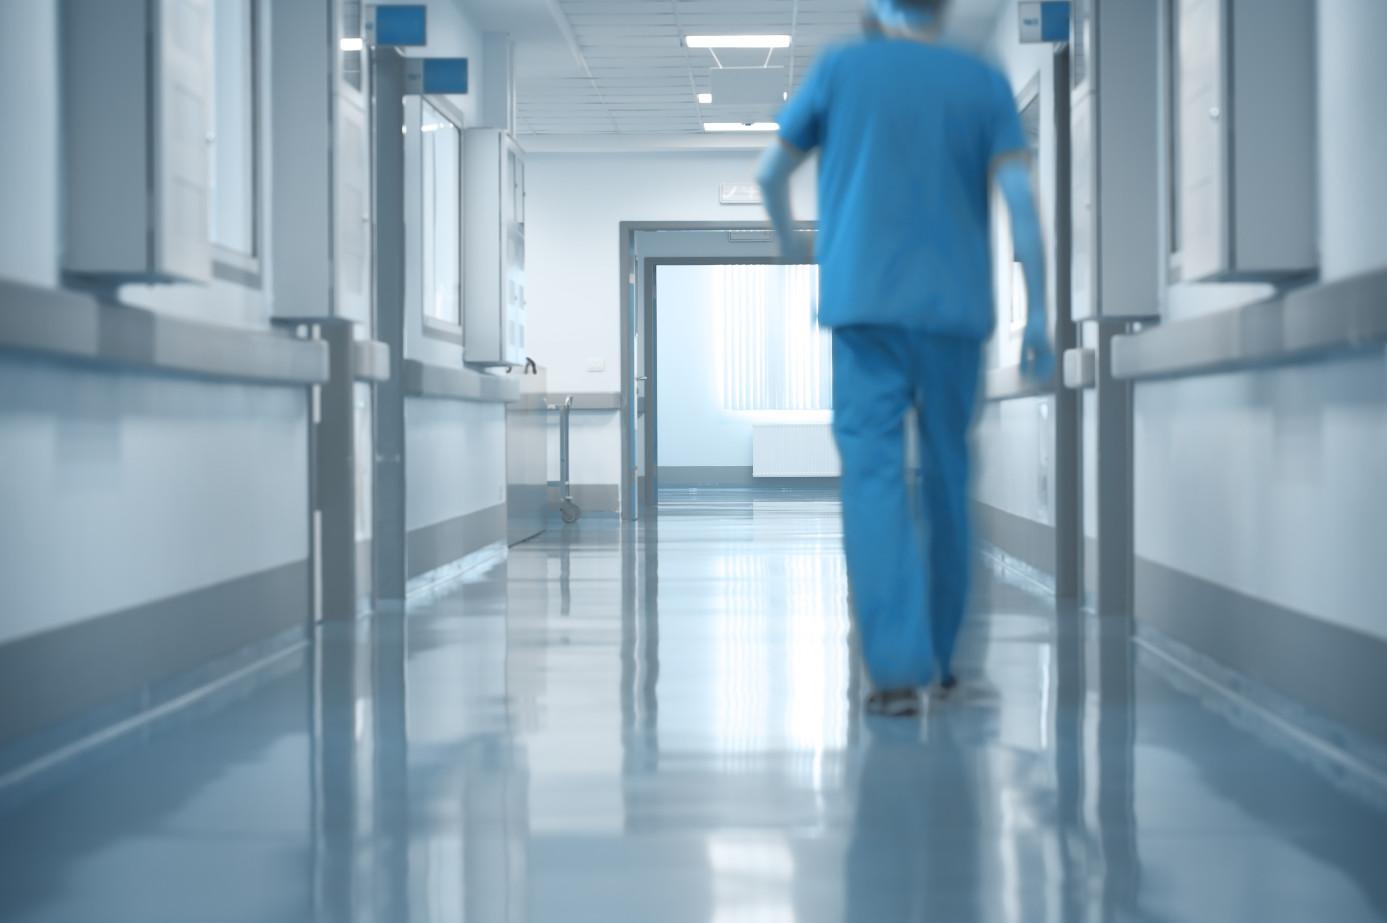 Минздрав поручил больницам перейти на работу по клиническим рекомендациям к 2024 году